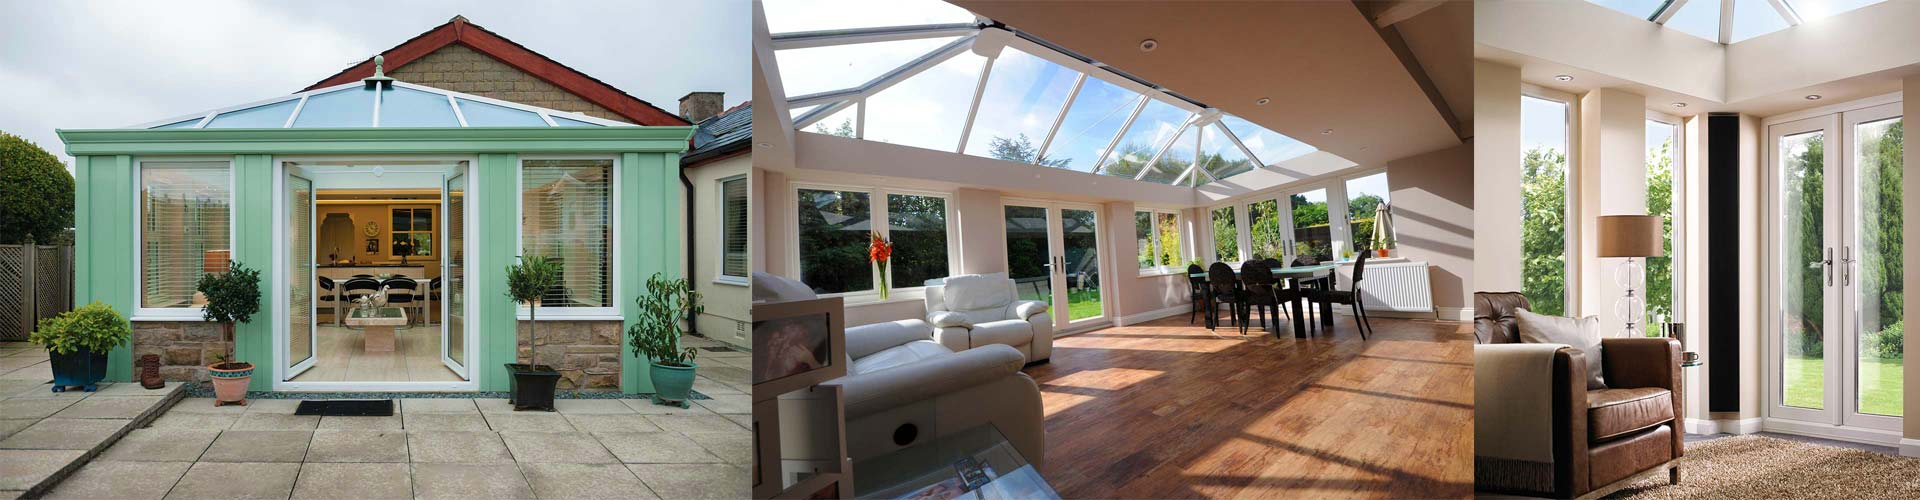 Ultraframe Loggia Orangeries Aberdeen & Aberdeenshire